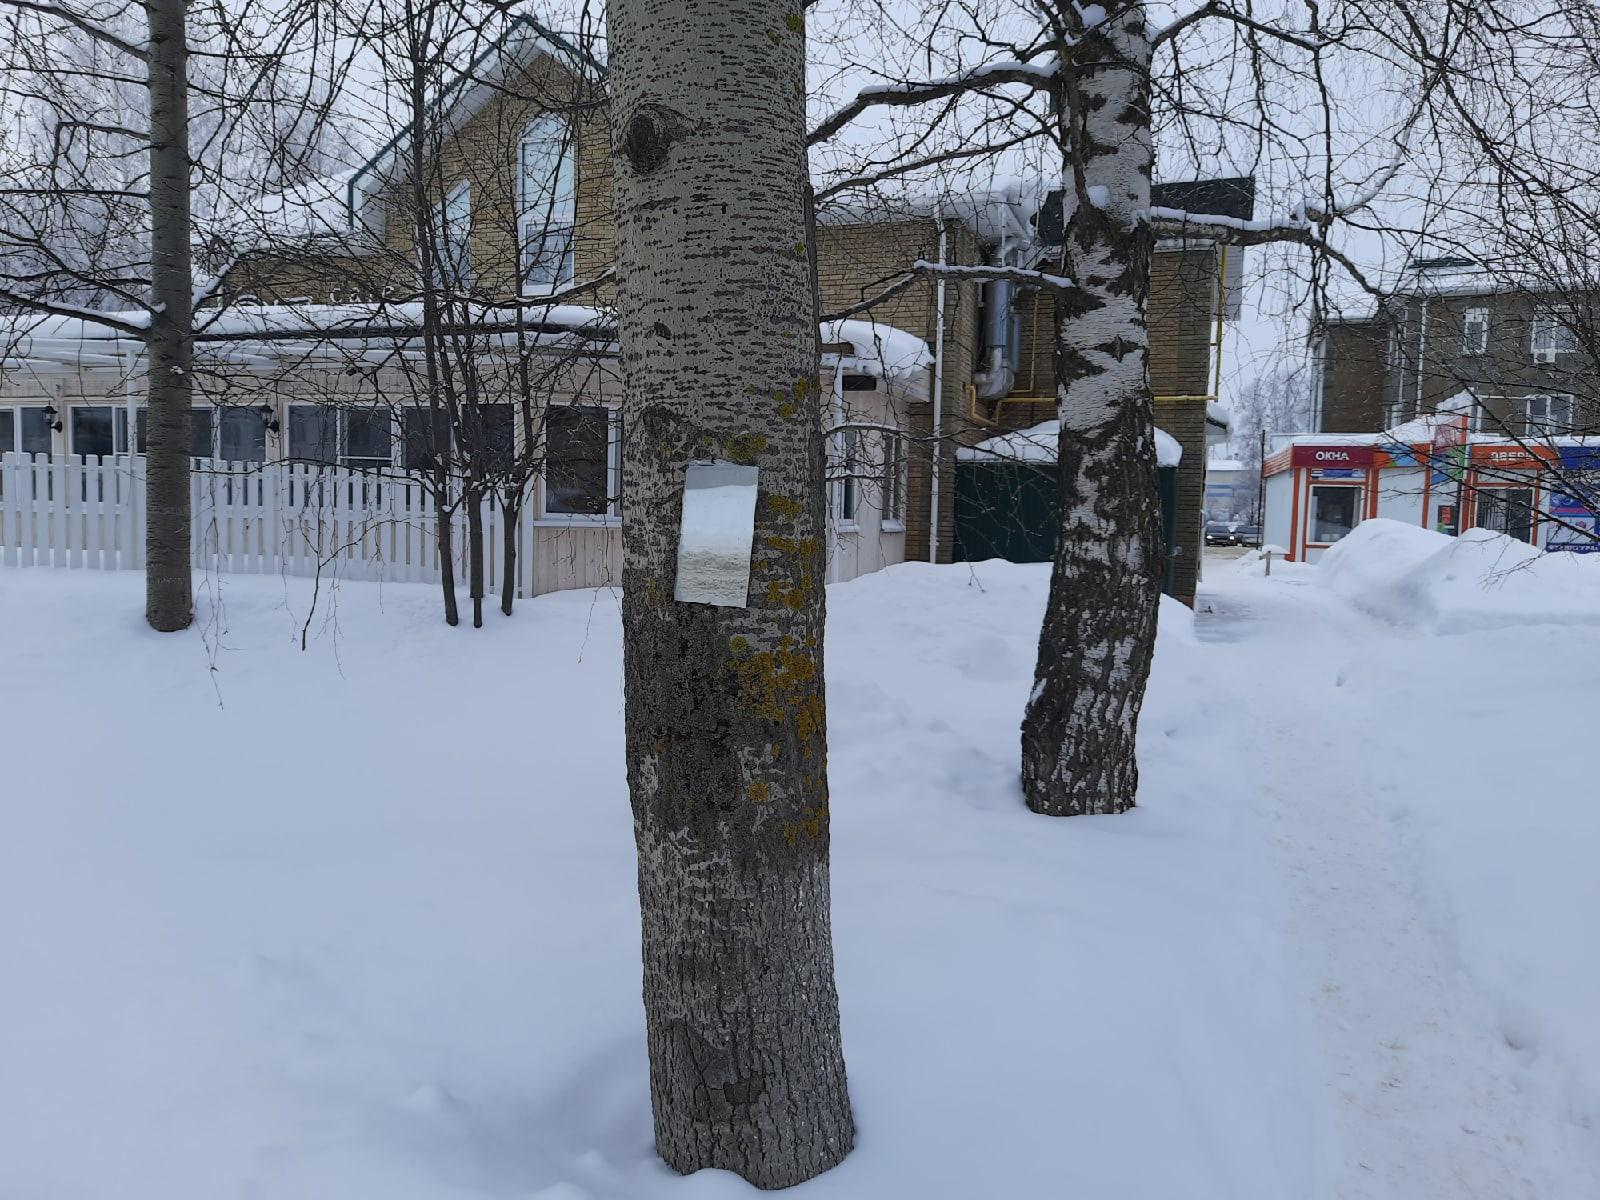 #ОтПодписчикаЗеркало на дереве аккуратно прибито. Посмотри на